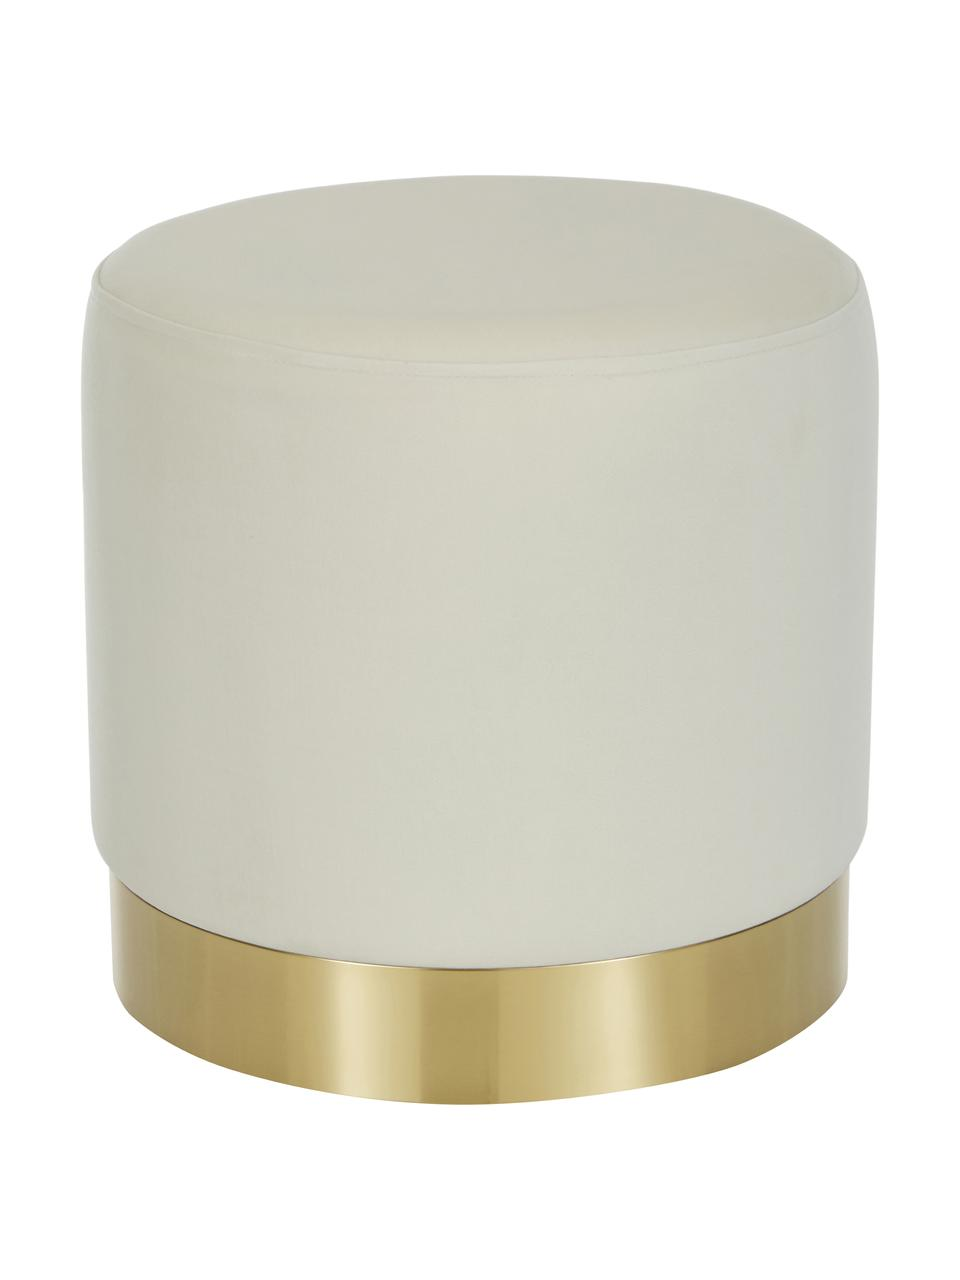 Puf z aksamitu Orchid, Tapicerka: aksamit (100% poliester) , Aksamitny kremowobiały, odcienie złotego, Ø 38 x W 38 cm